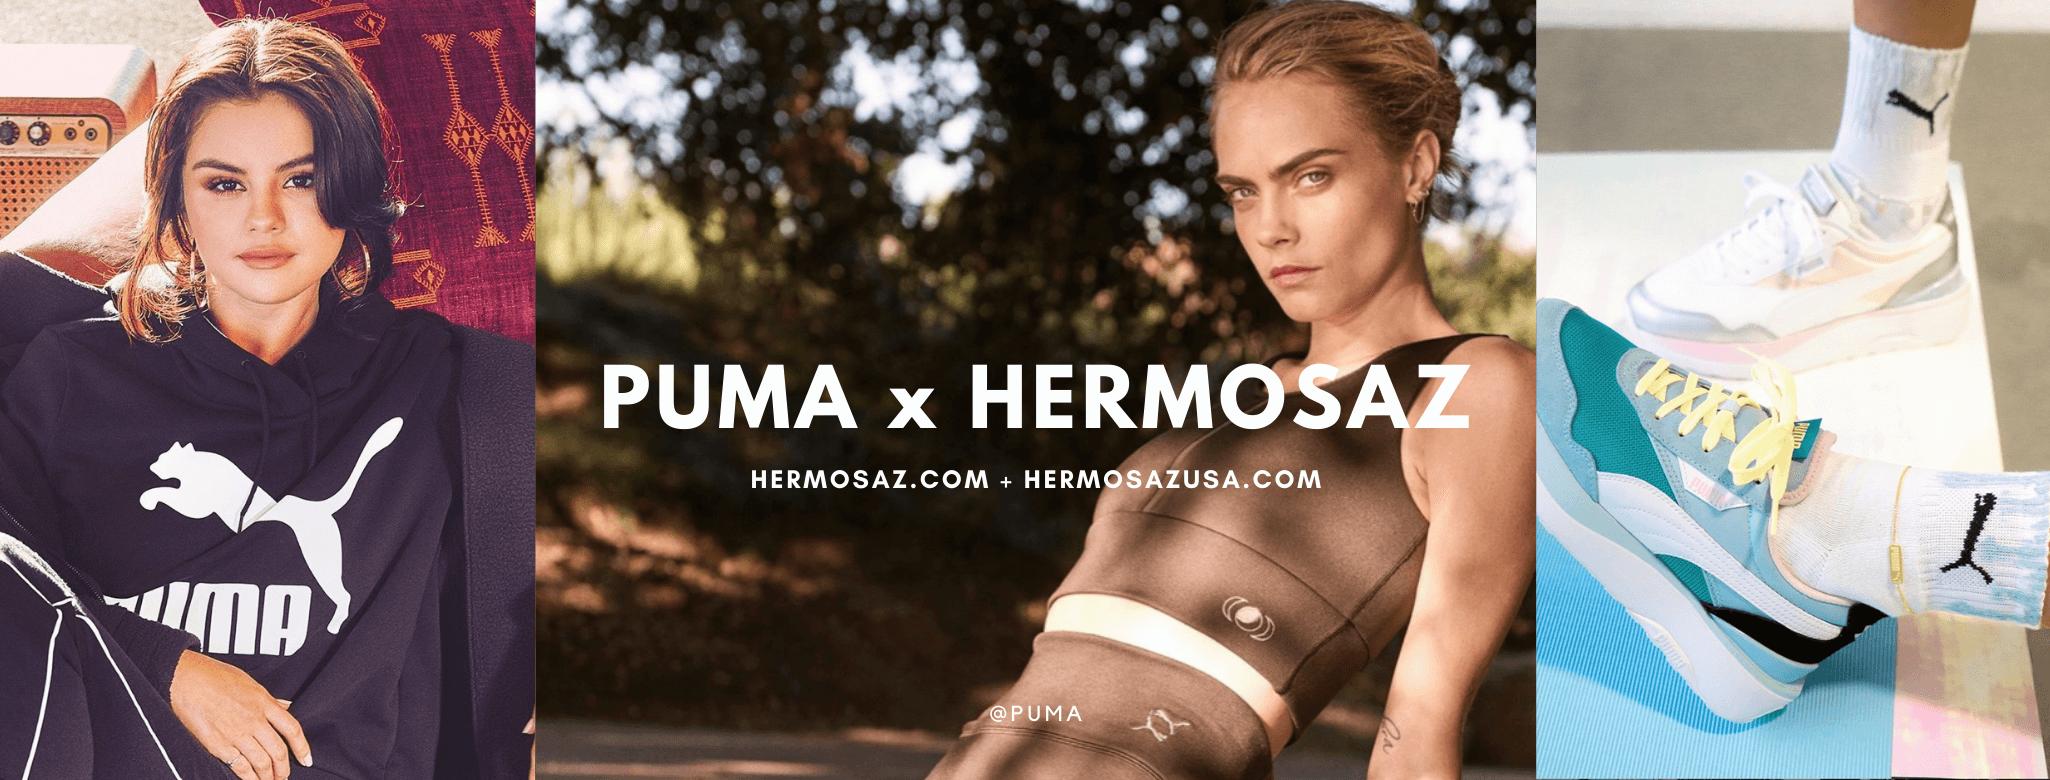 Puma x hermosaz